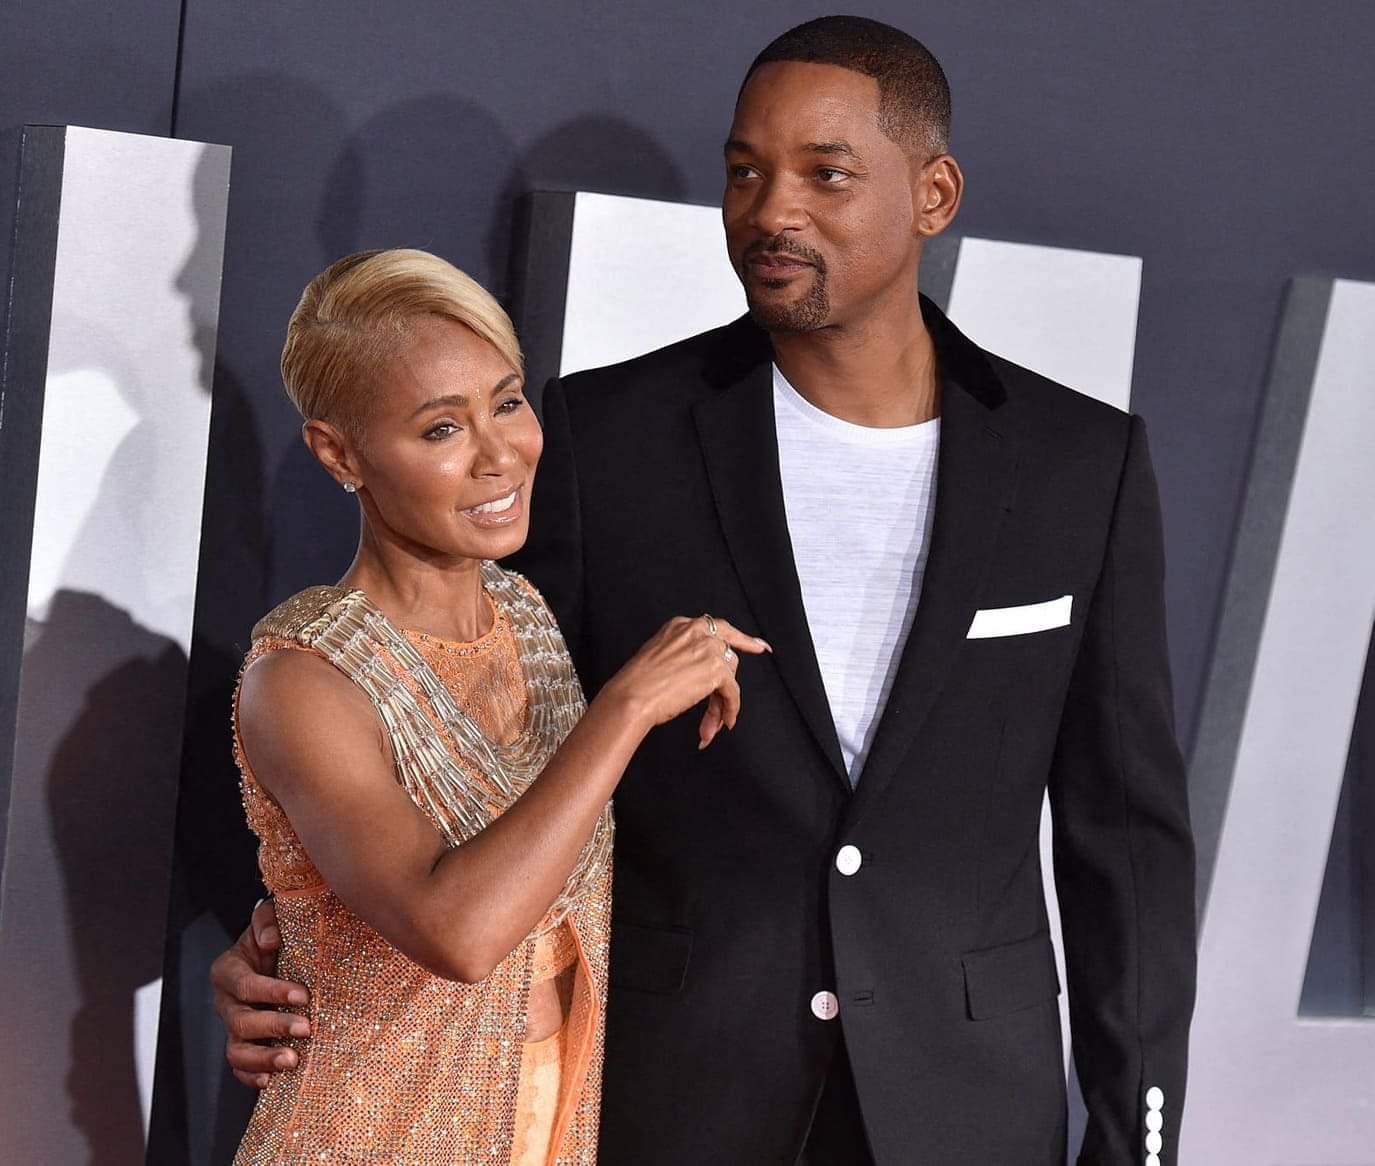 Avec l'accord de Will Smith, sa femme aurait eu une relation extra-conjugale avec un rappeur